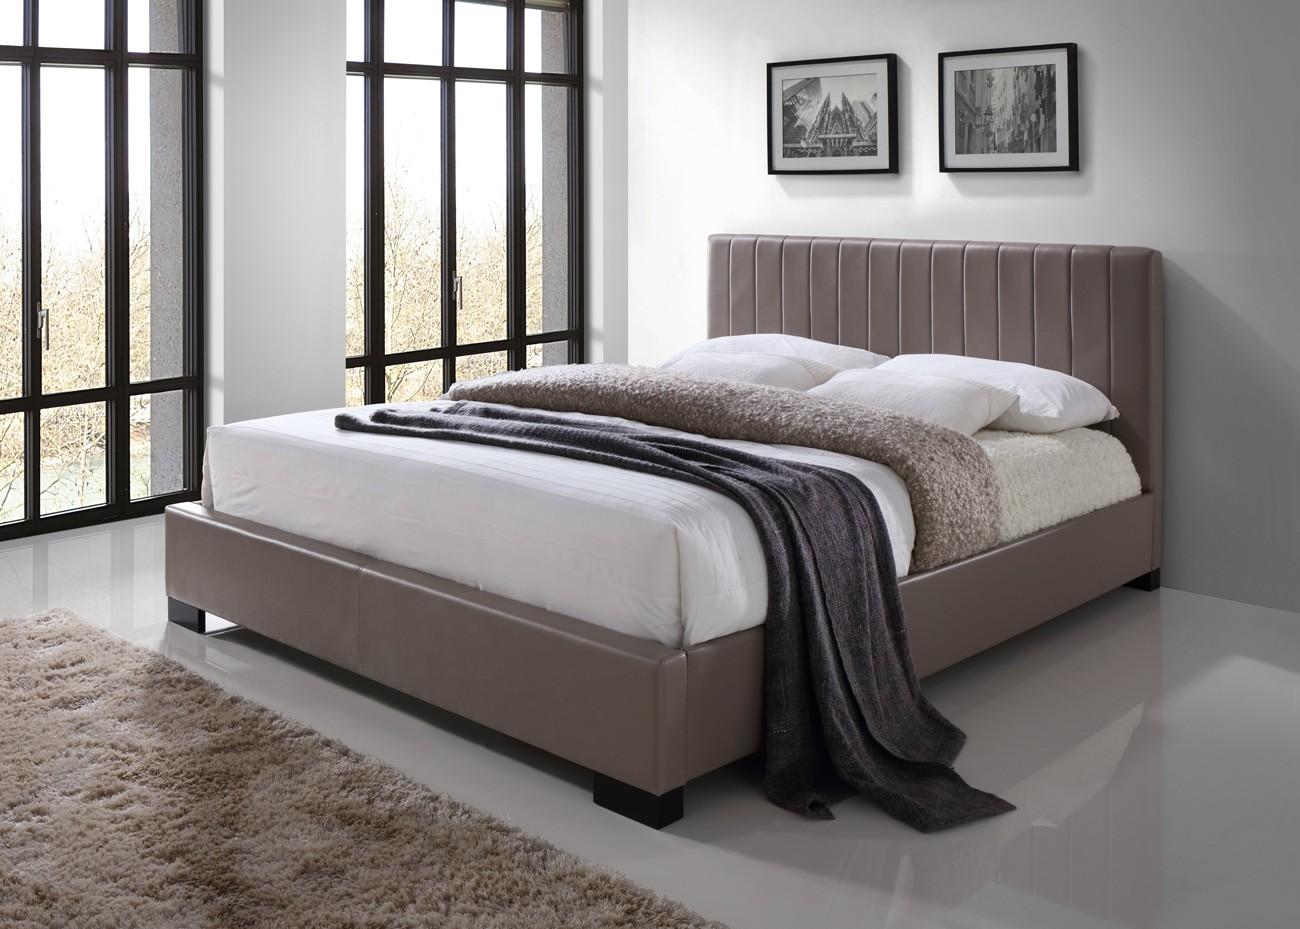 lit deux places lit xeno 140x200 cm en simili cuir. Black Bedroom Furniture Sets. Home Design Ideas